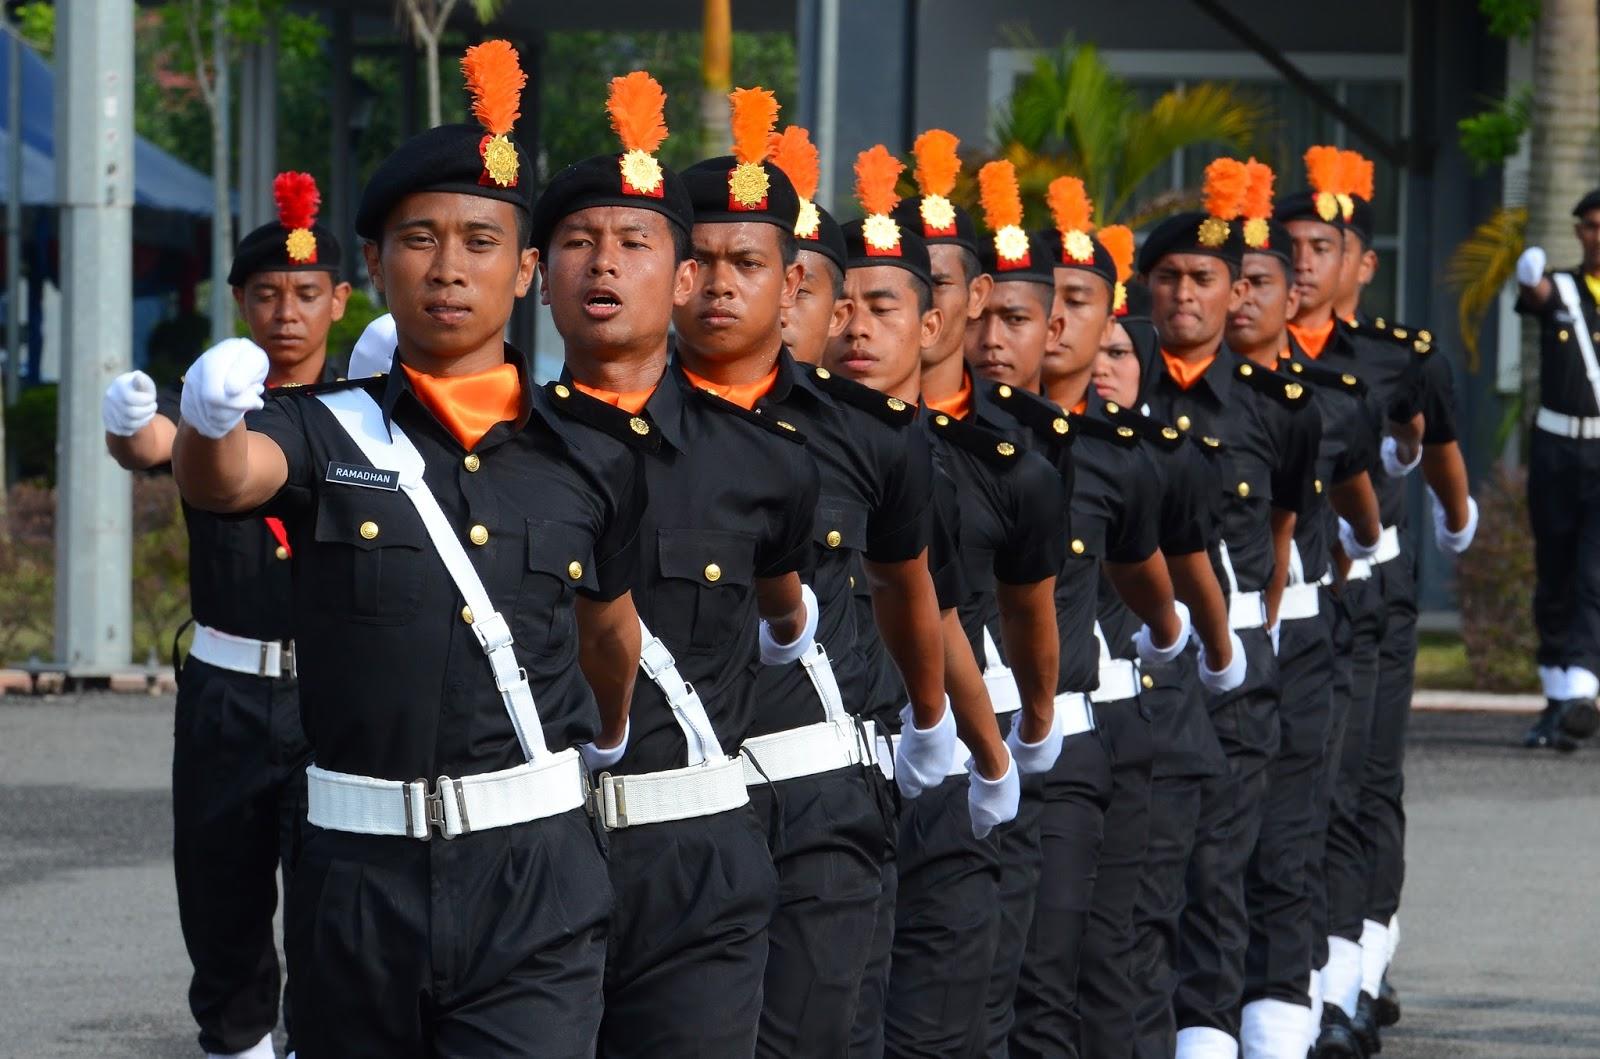 Helang Puteh 109 Pegawai Baru Sprm Tamat Latihan Termasuk 15 Pegawai Lepasan Jurusan Perakaunan Menerusi Pengambilan Khas